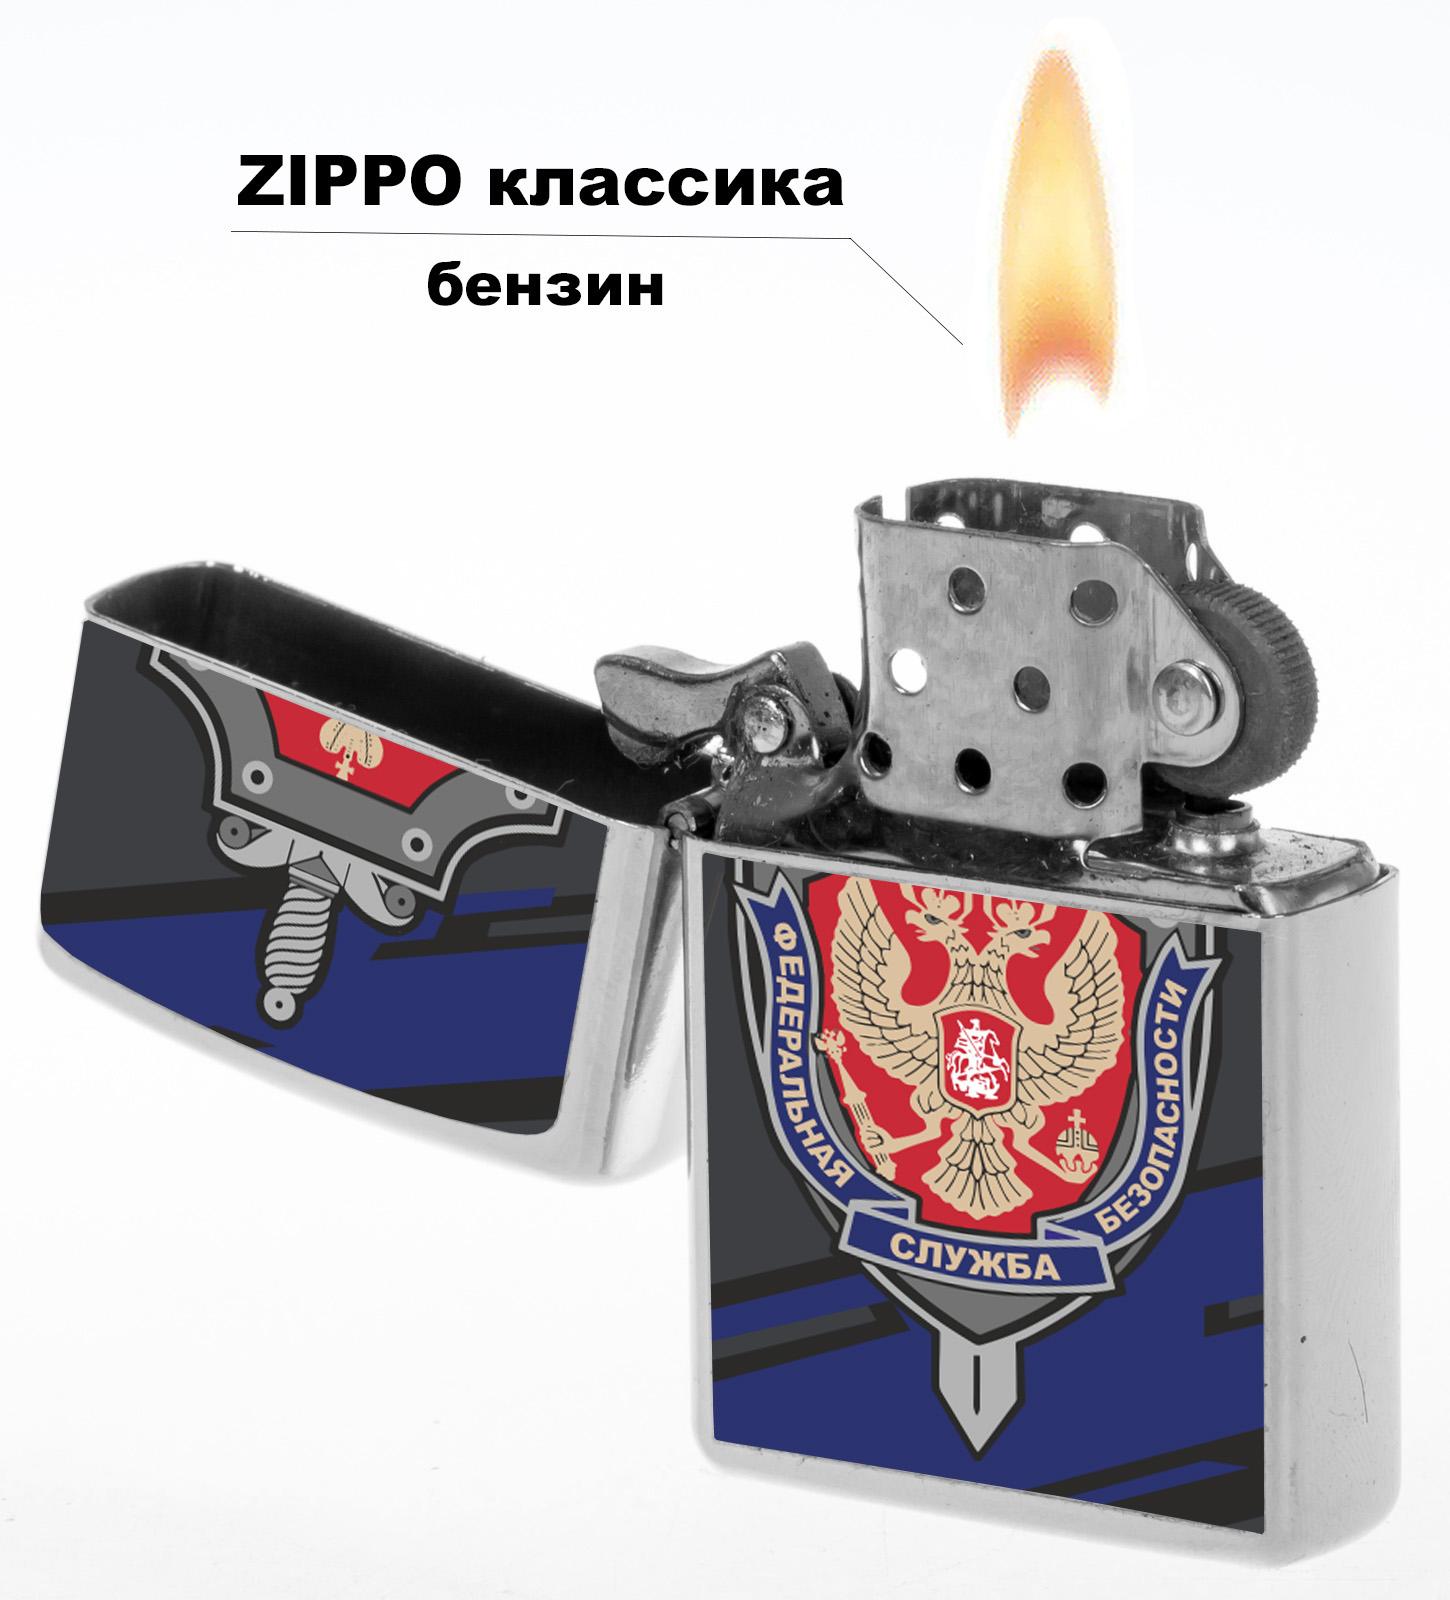 Оригинальная зажигалка ФСБ бензиновая купить с доставкой в любой город